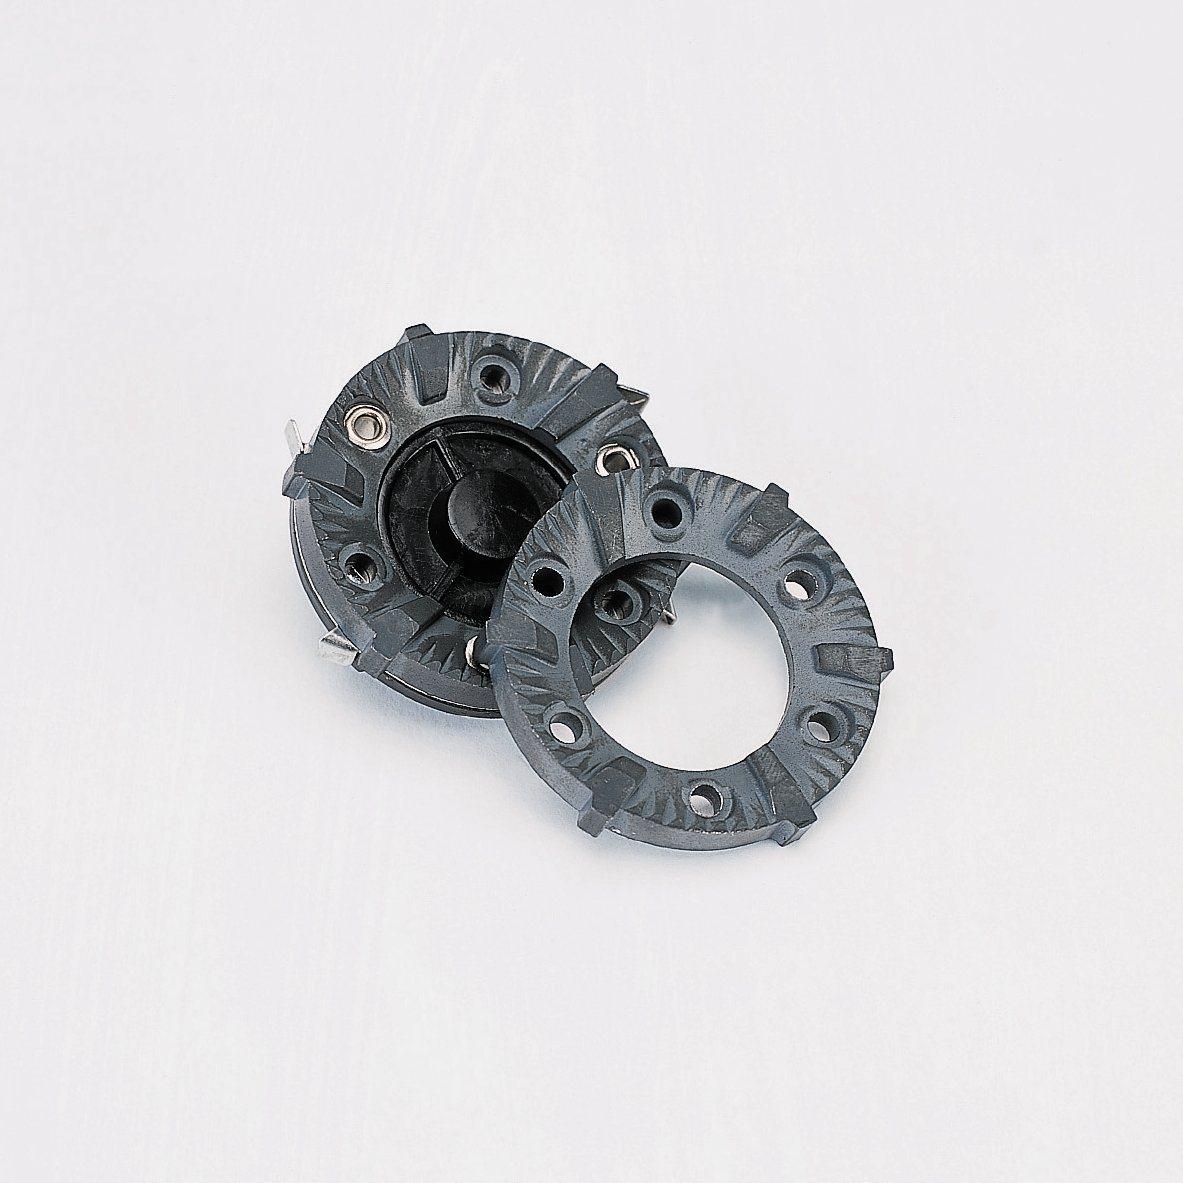 cvx242 burrs inside the grinder